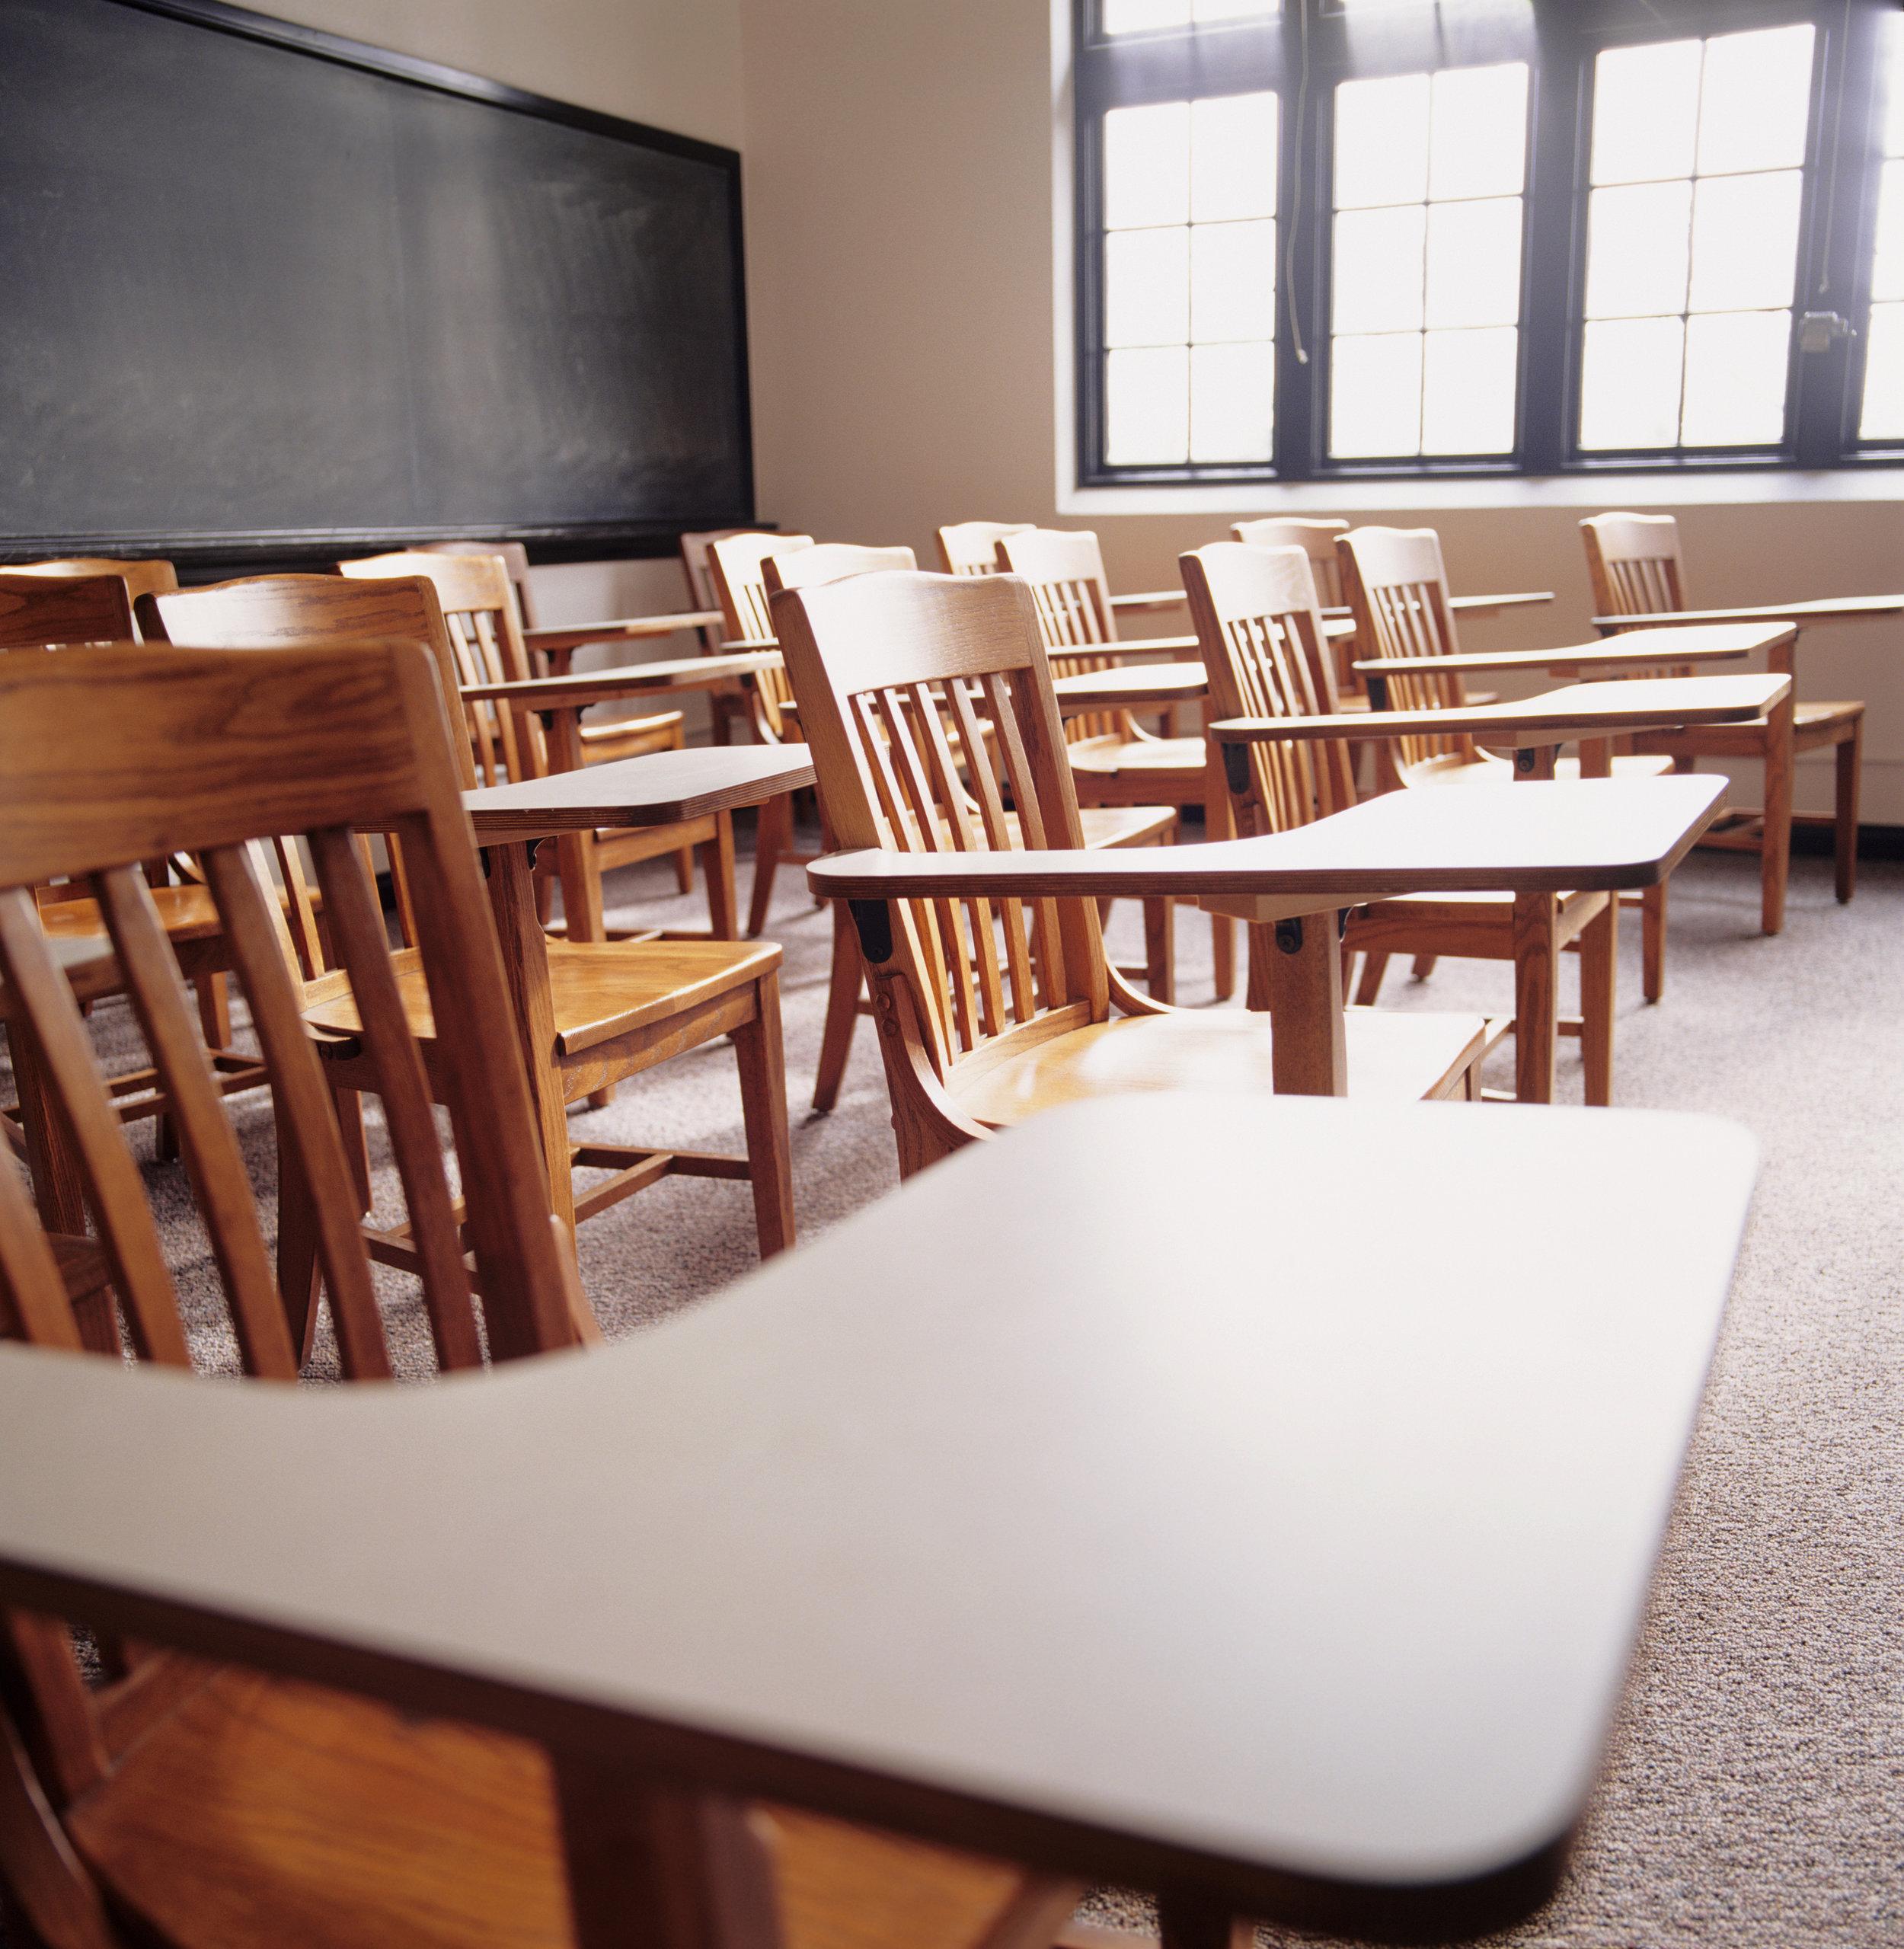 C. Humanities Course Design